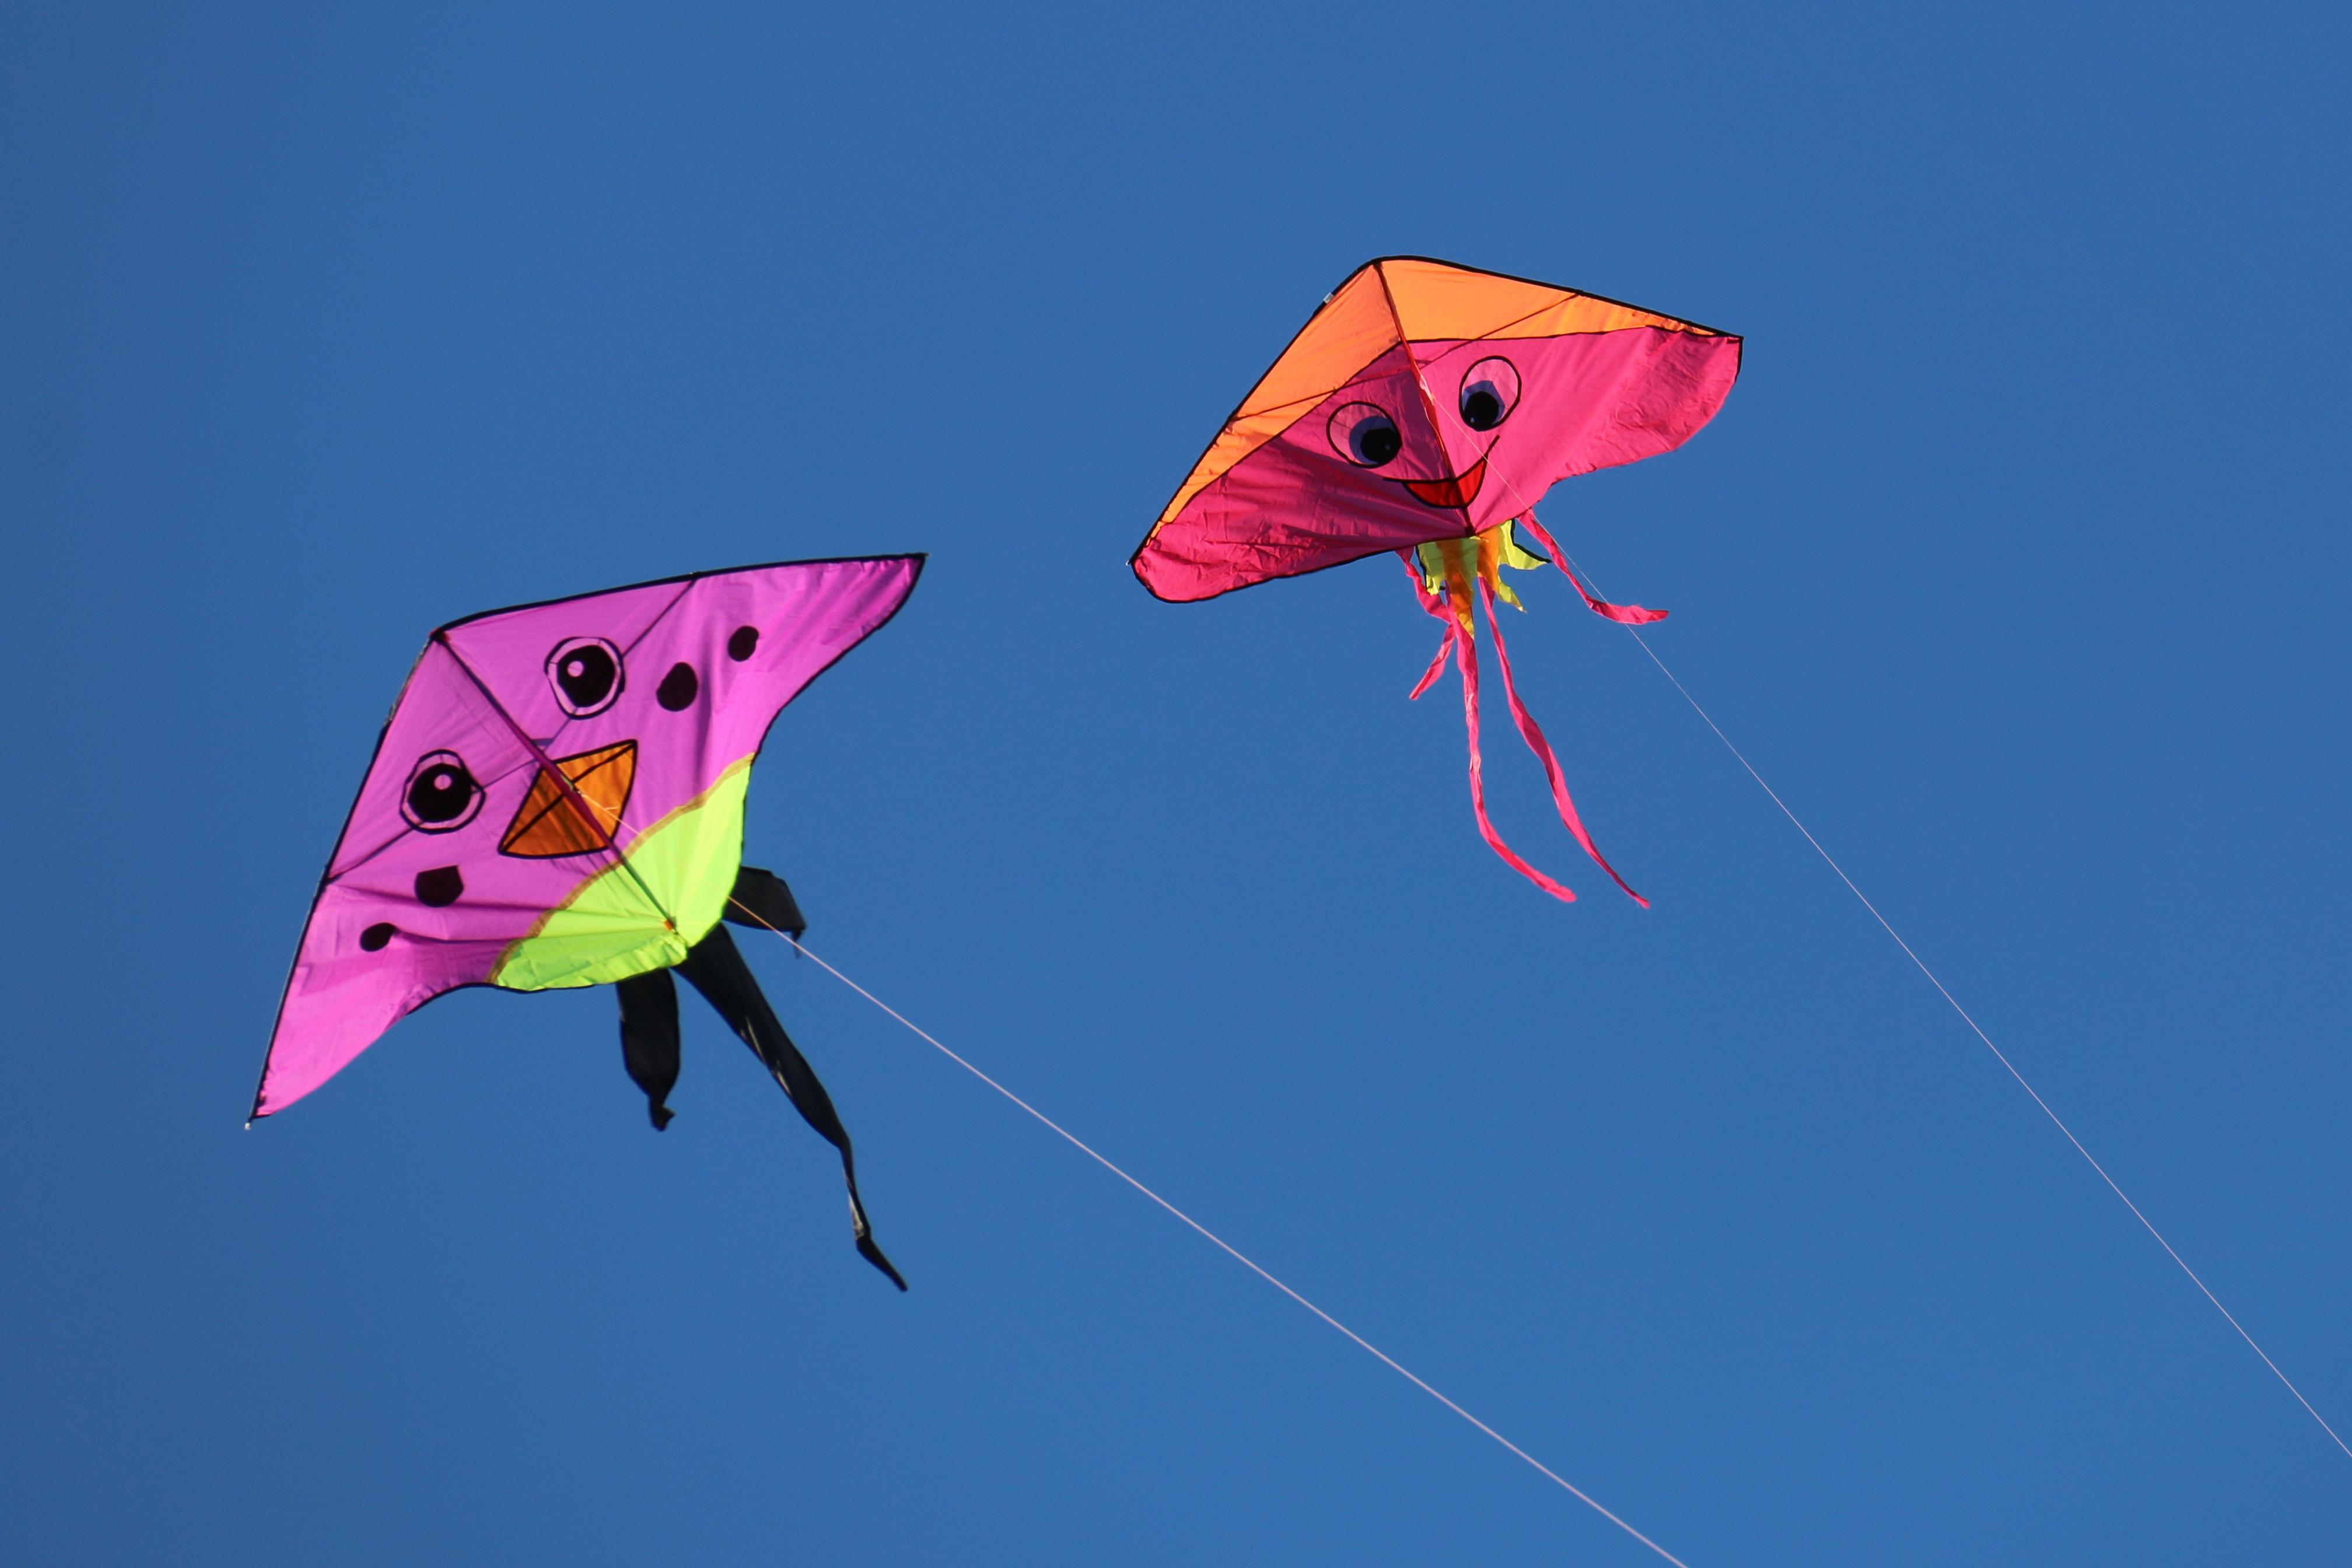 【お正月イベント】子どもと凧揚げを楽しもう!上手に揚げるコツは?